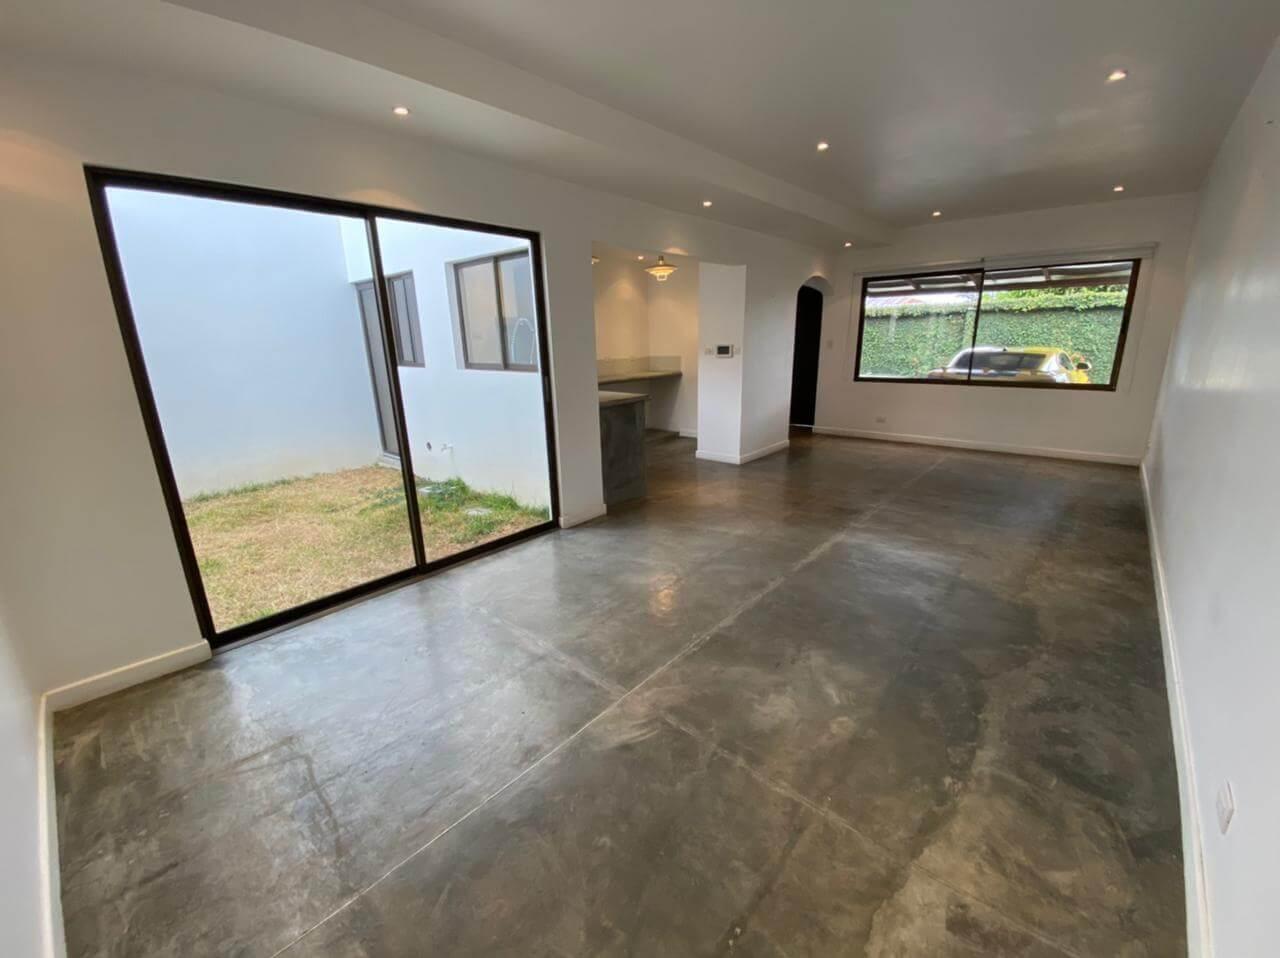 Alquiler de casa Condominio-Cantabria-Santa-Ana-Centro